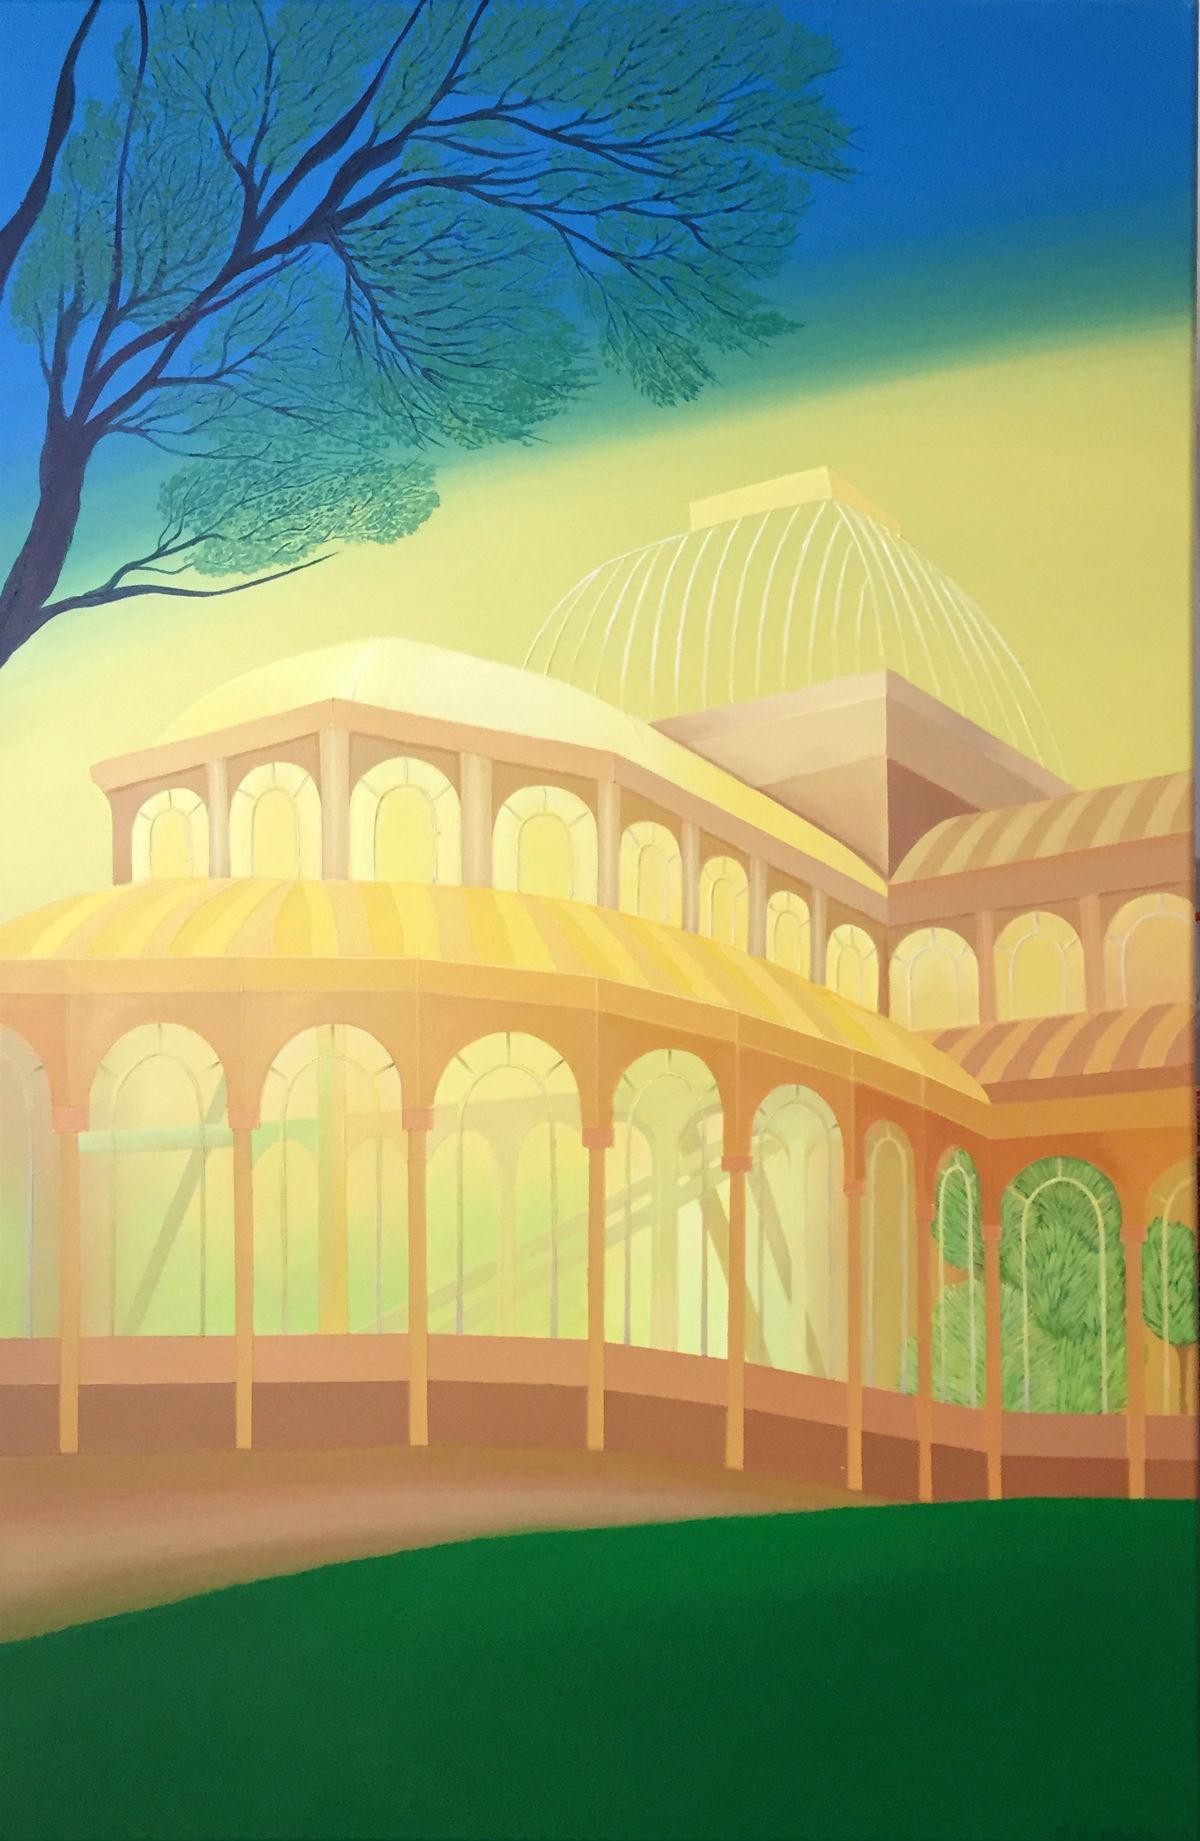 Renaissance - Contemporary acrylic painting, Pop art, Vivid colors, Architecture